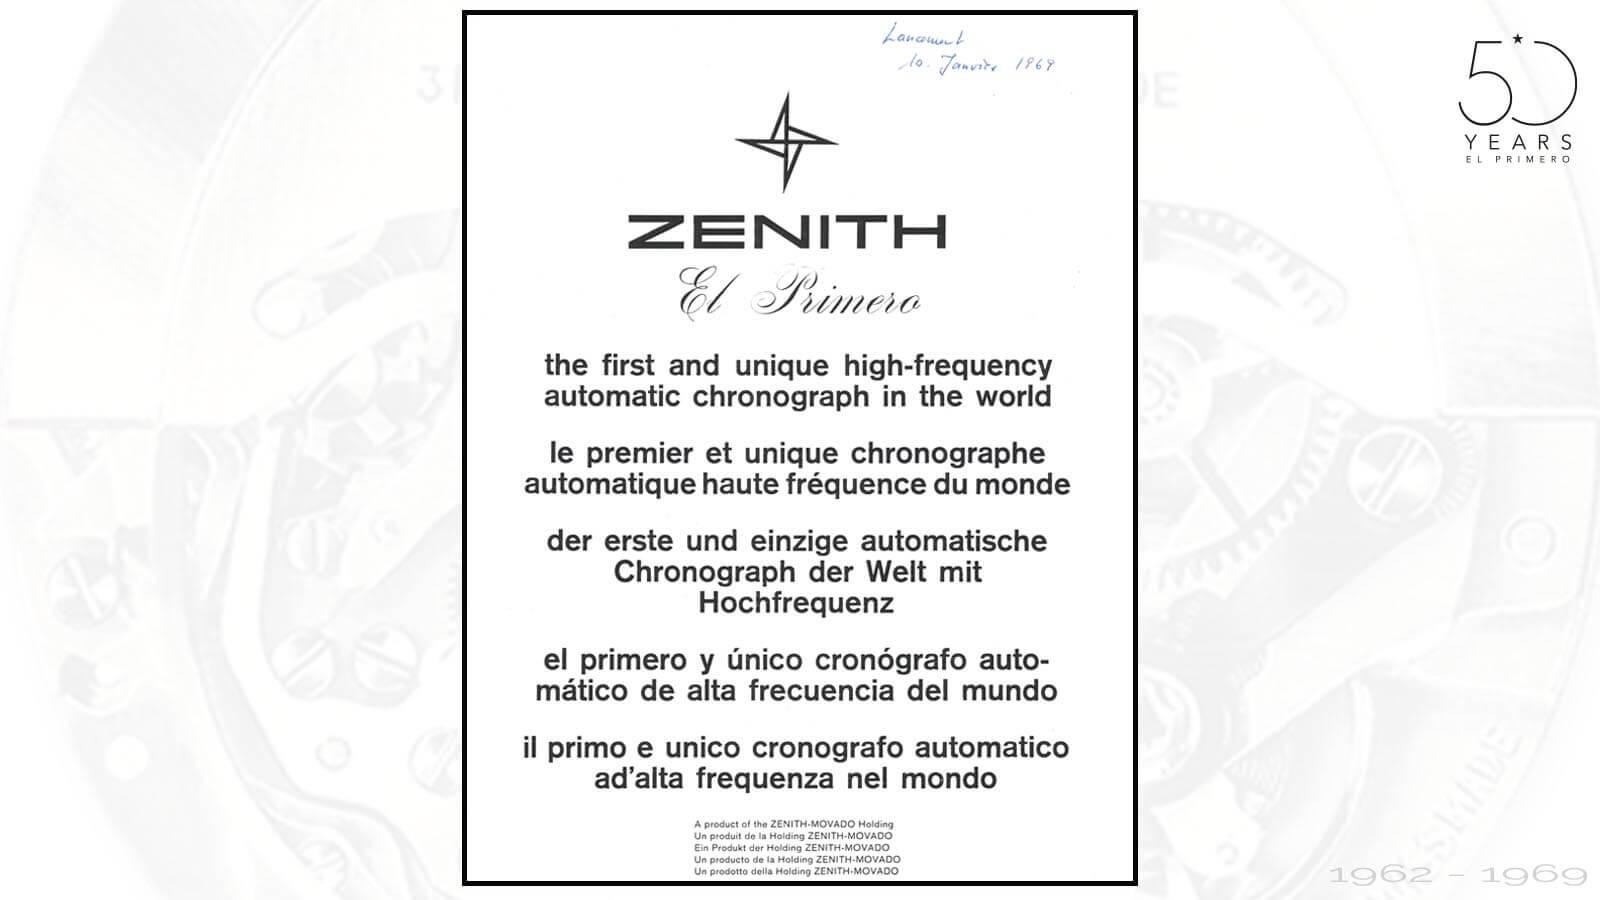 Presseaussendung für El Primero von Zenith um 1969